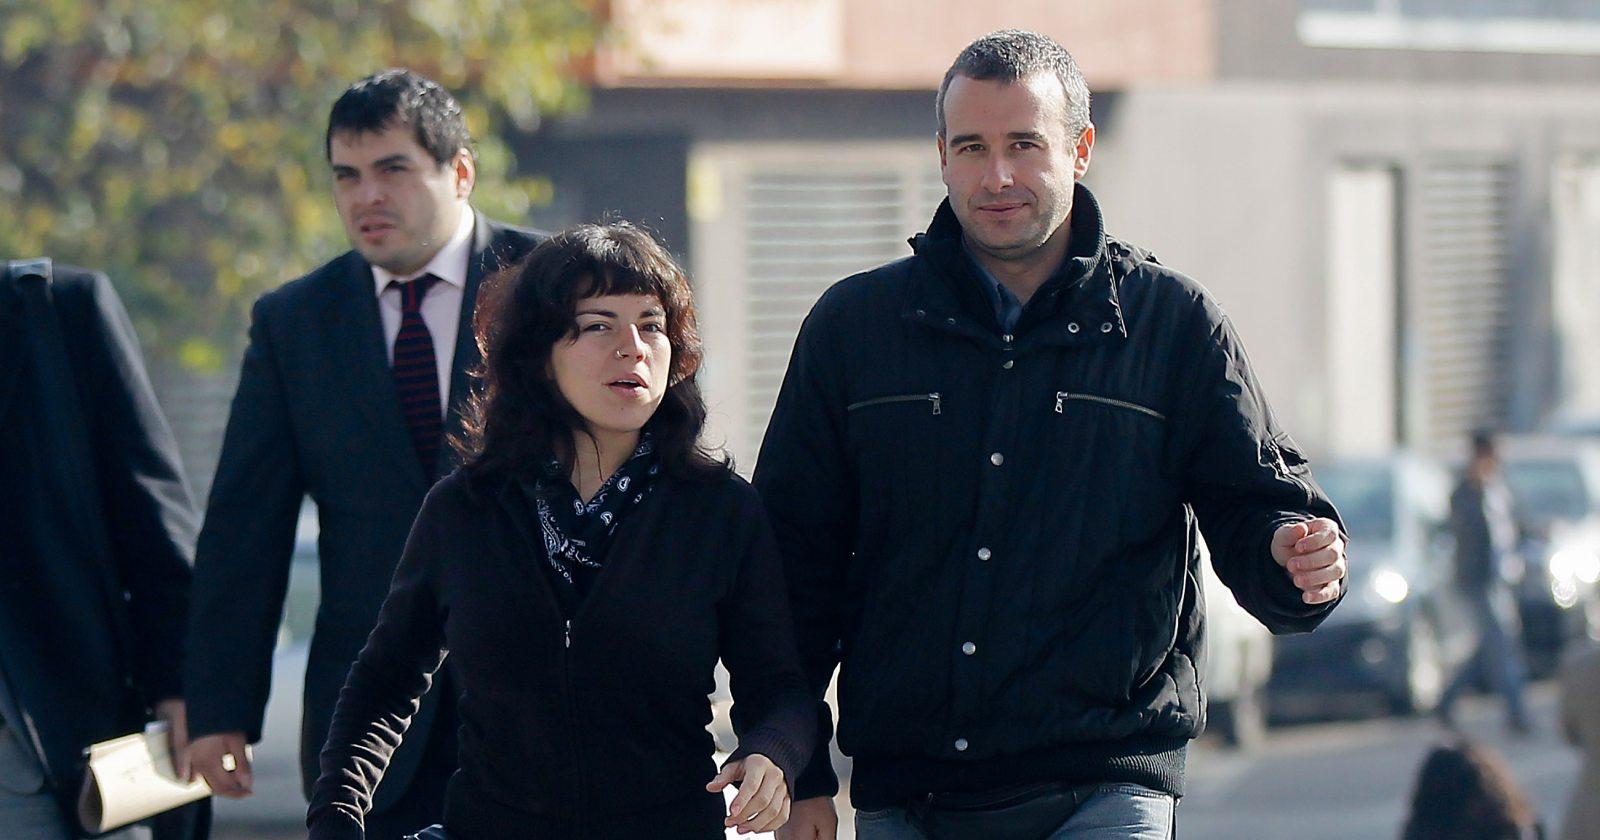 Francisco Solar y Mónica Caballero: la pareja de anarquistas que colocó una bomba en una basílica en España